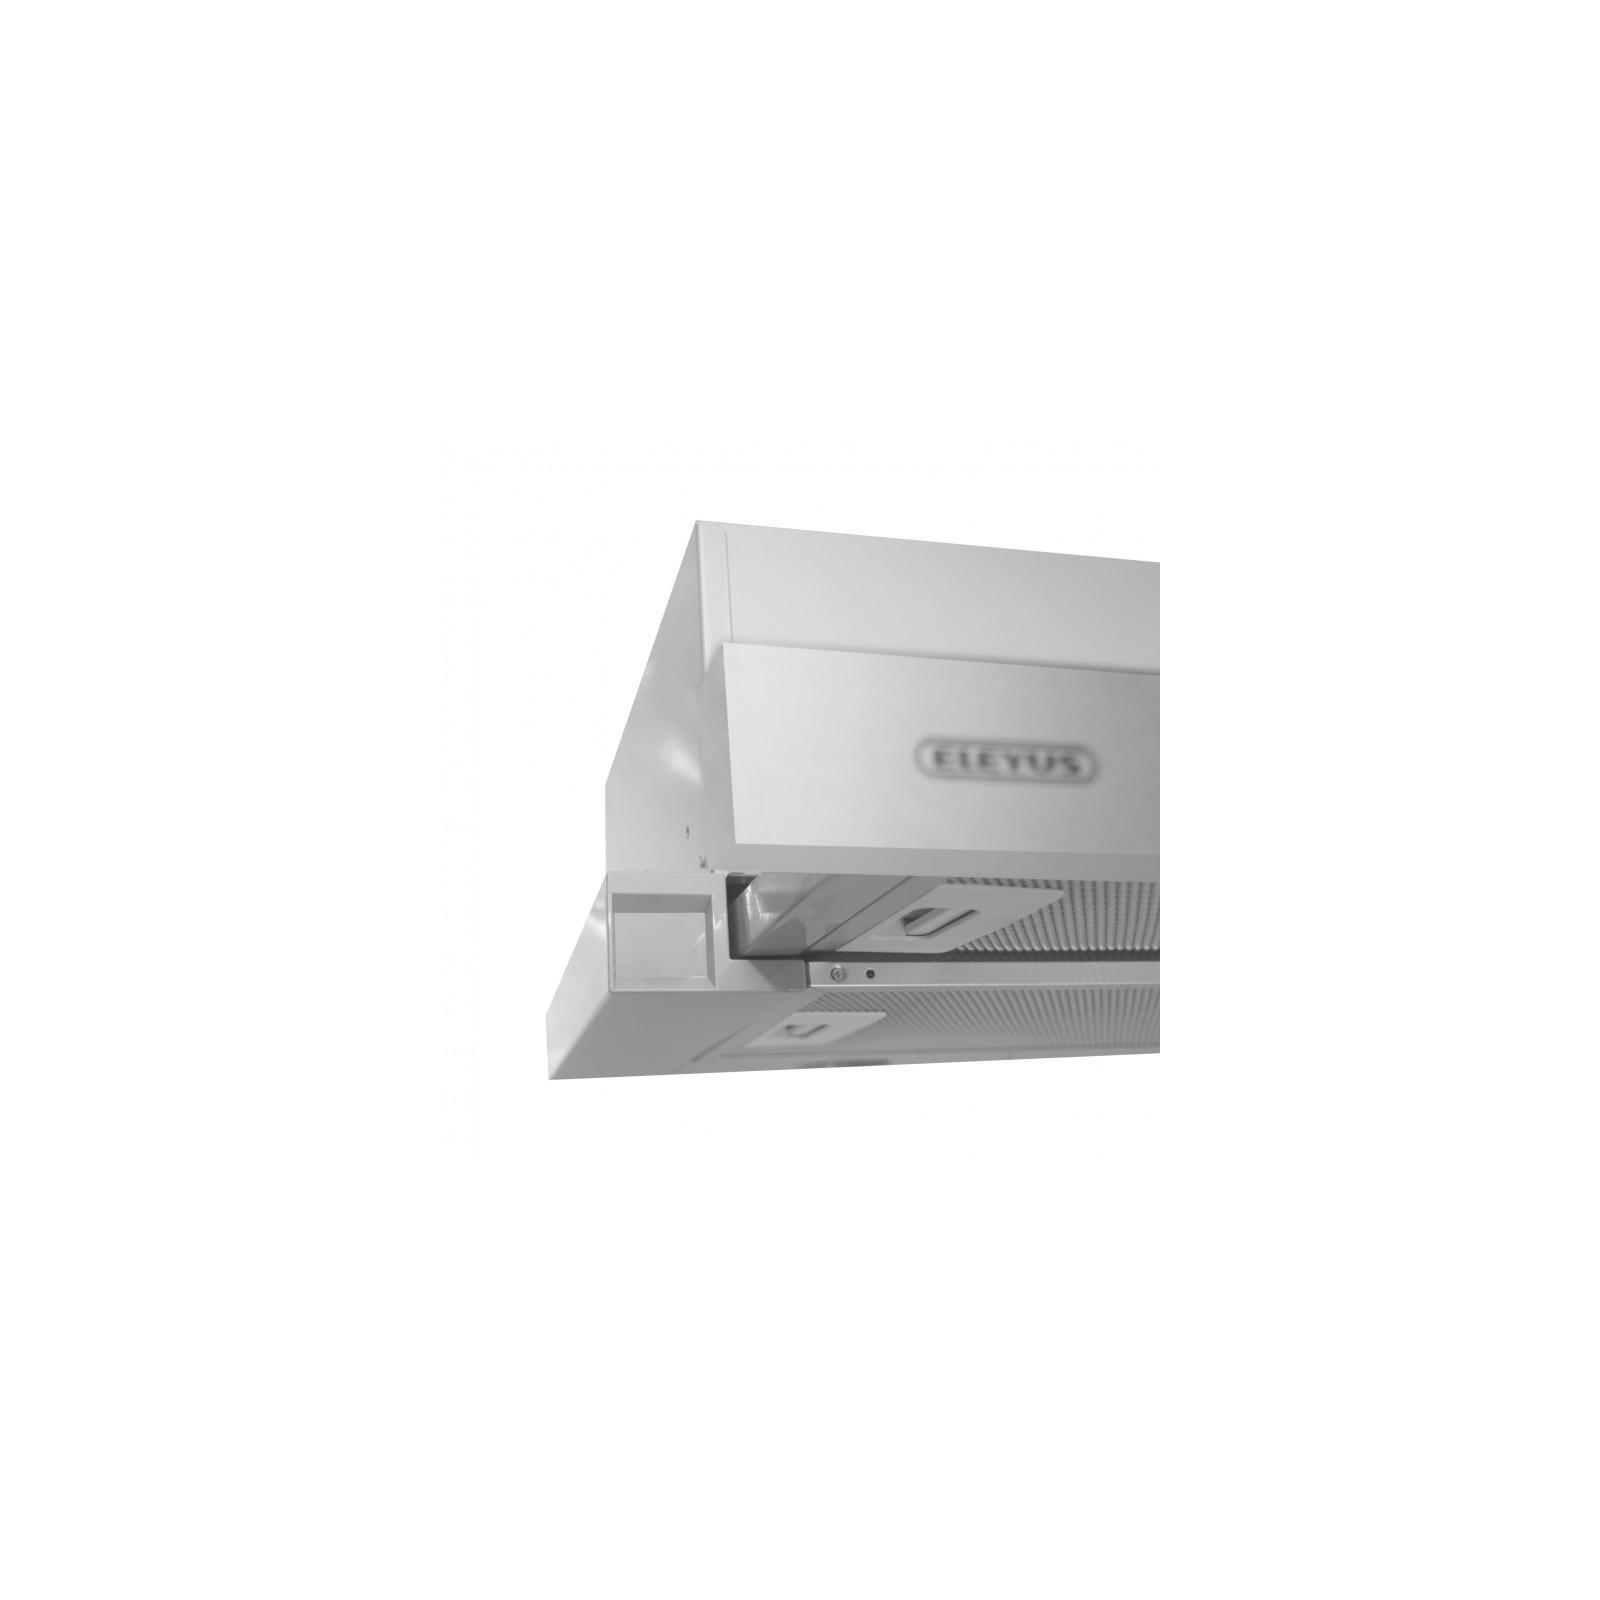 Вытяжка кухонная Eleyus Cyclon 700 50 IS+GR изображение 7